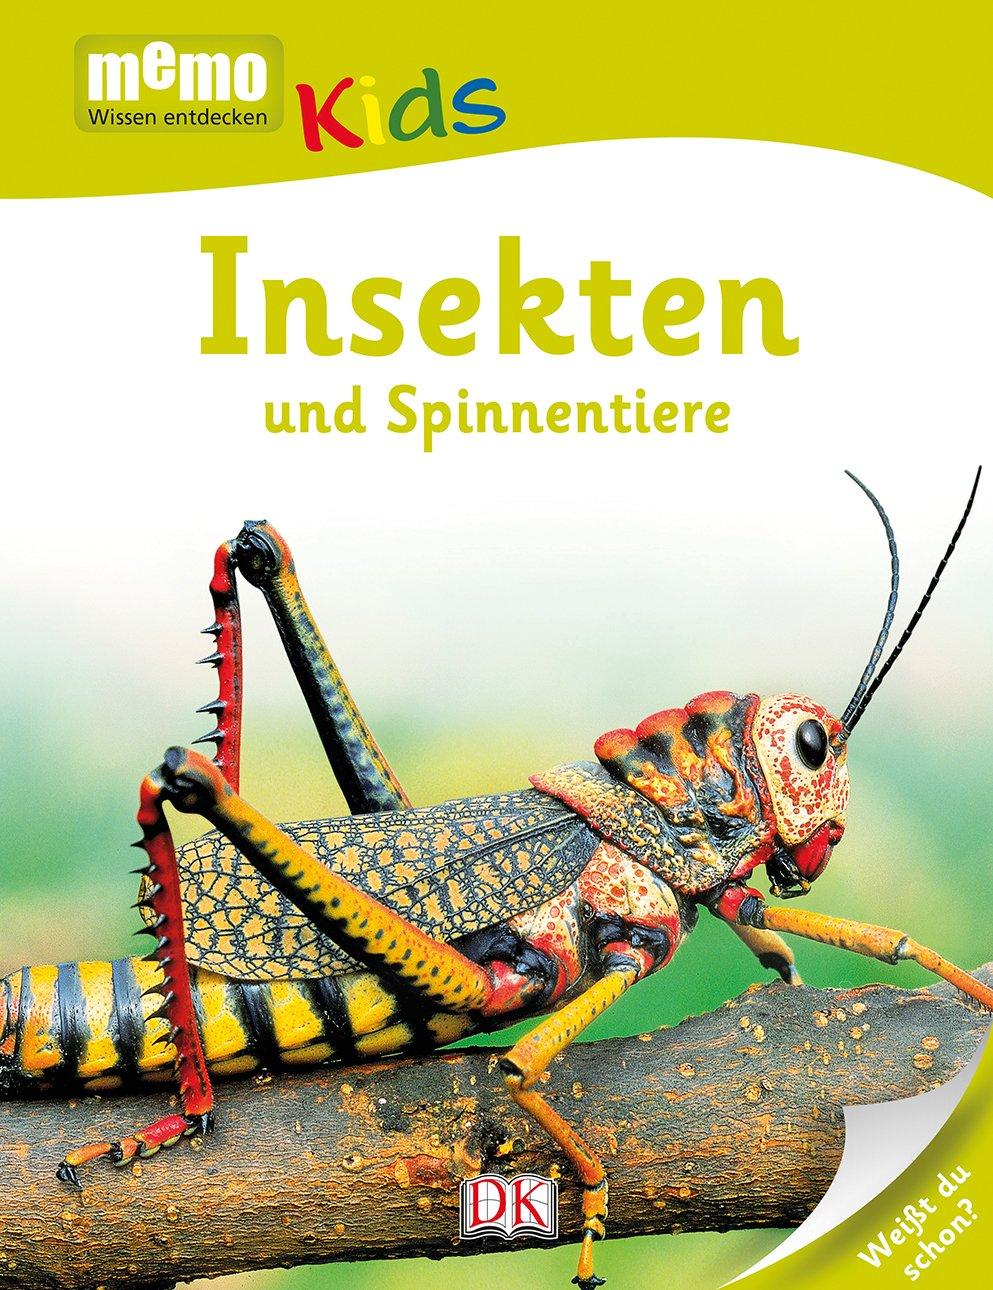 Memo Kids. Insekten Und Spinnentiere